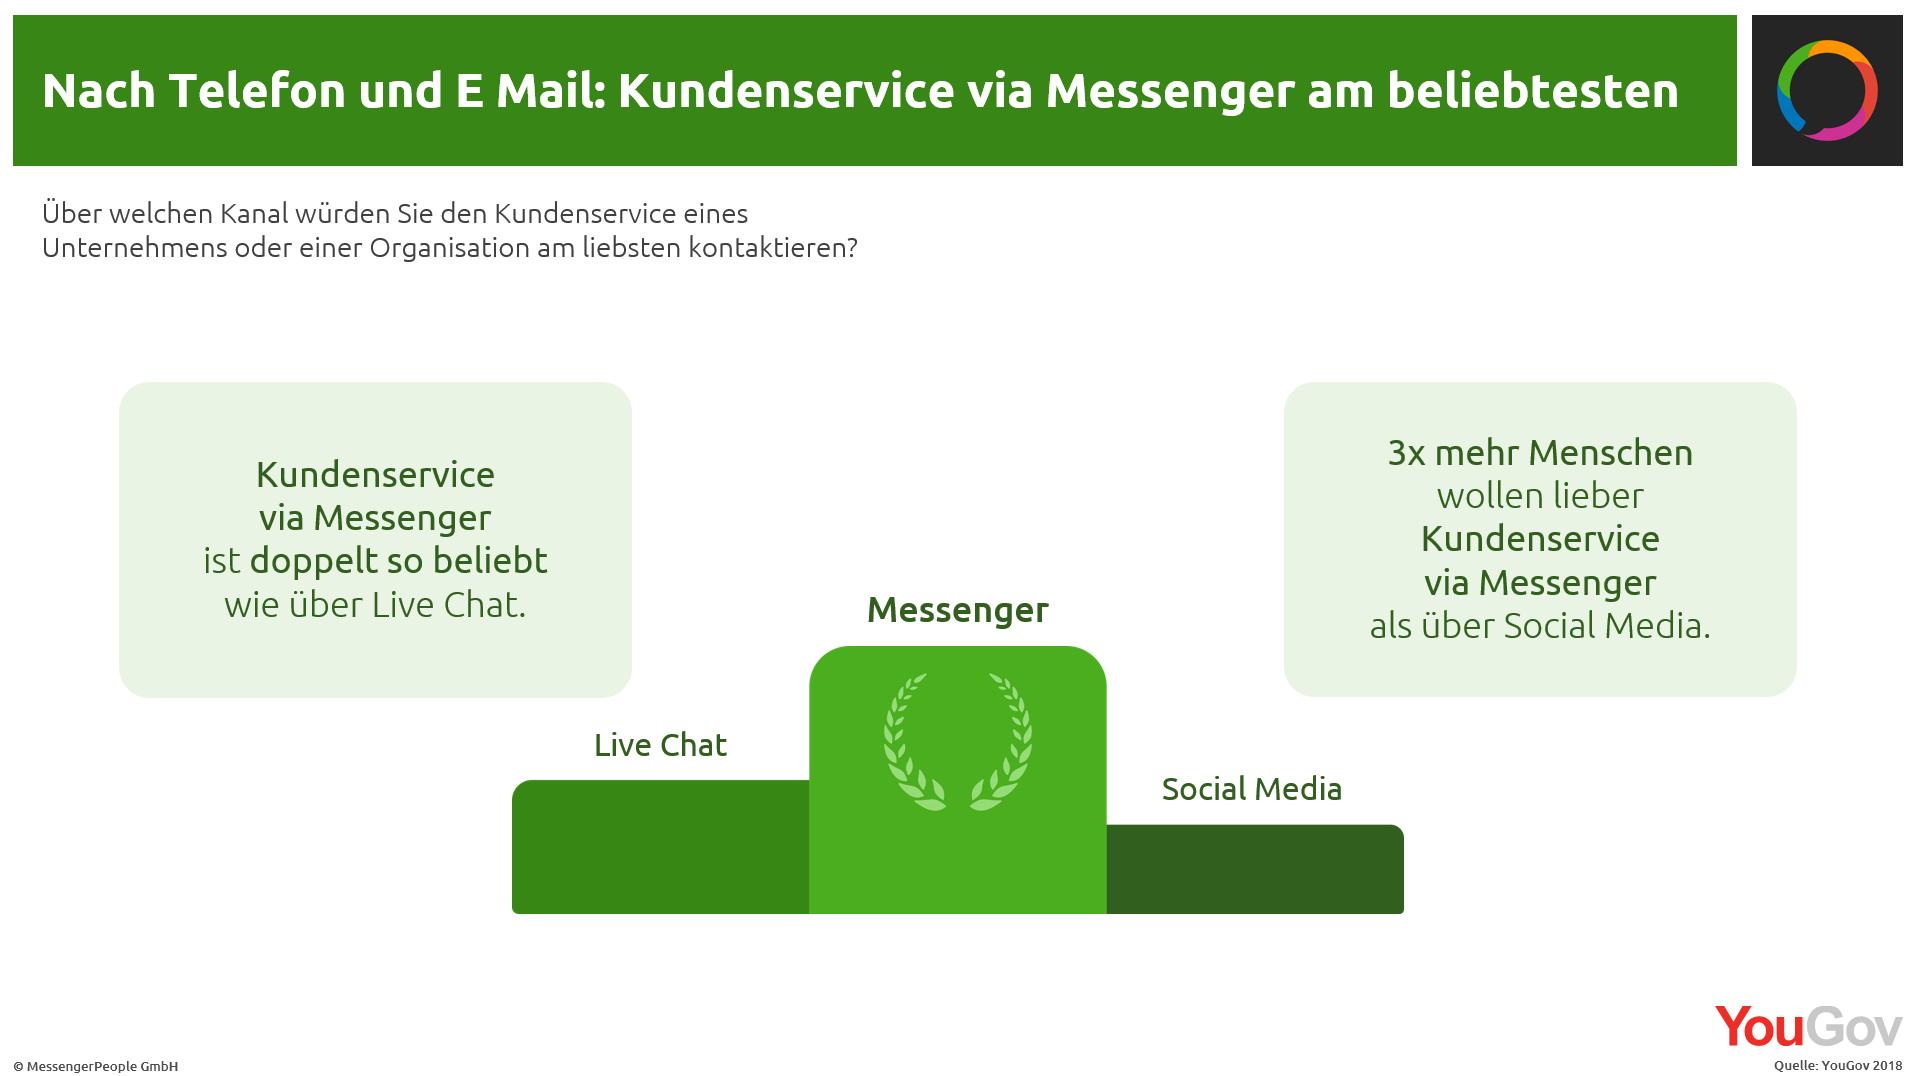 Kundenserivce-und-Messenger-beliebtheit-messengerpeople-studie-2018-yougov